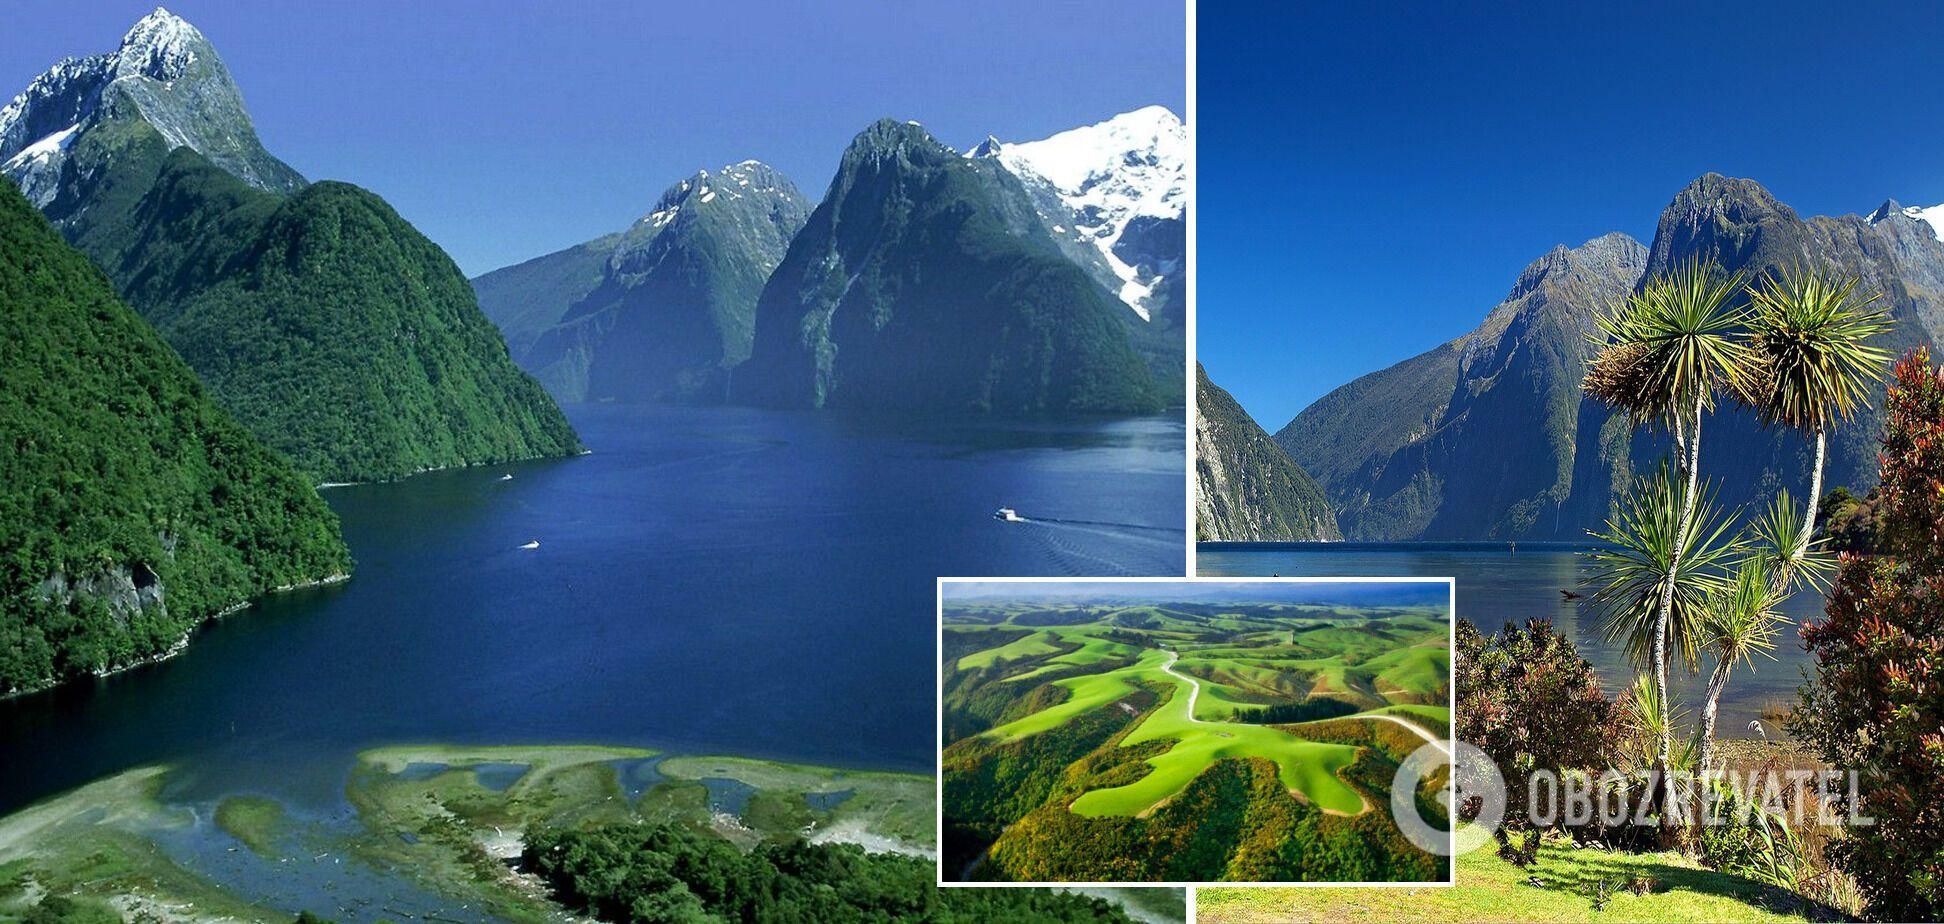 Нова Зеландія очолила список кращих місць для виживання на планеті